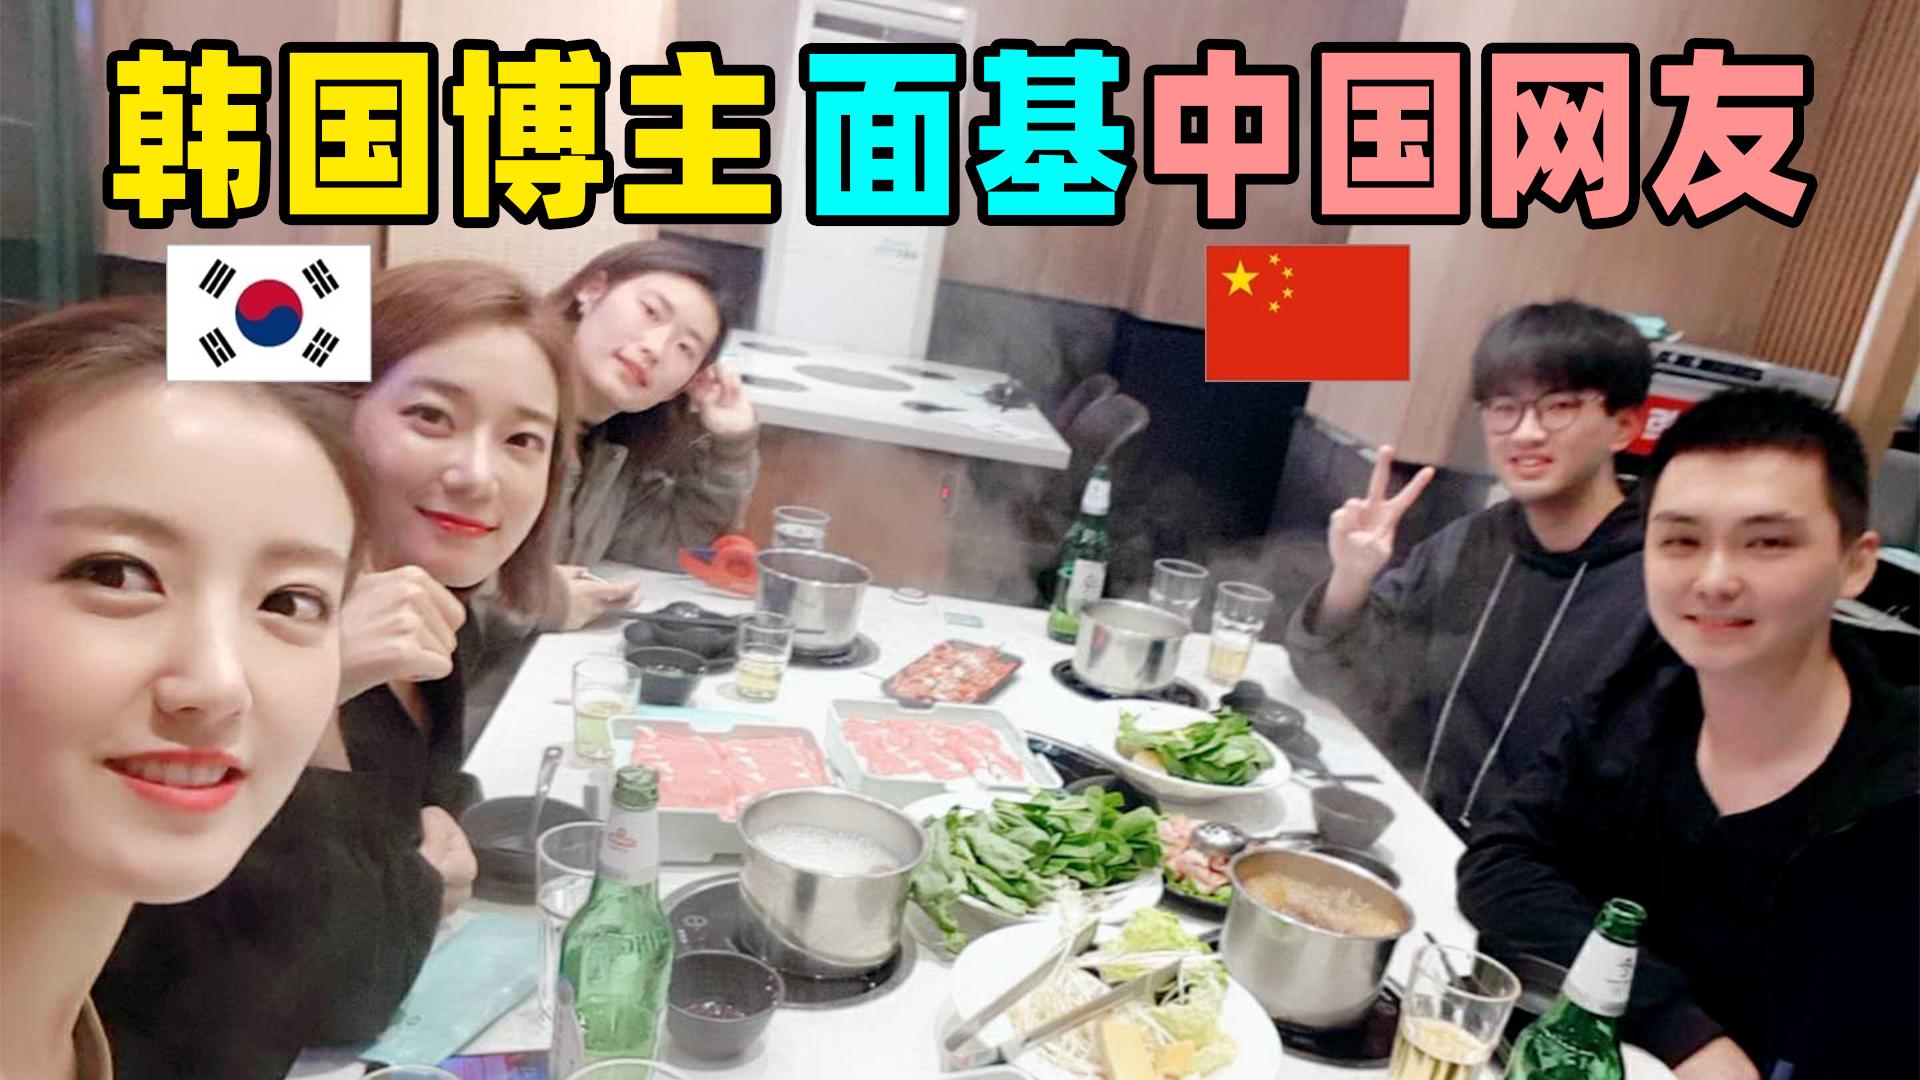 第一次面基中国网友,韩国小姐姐感觉整个人都飘了!